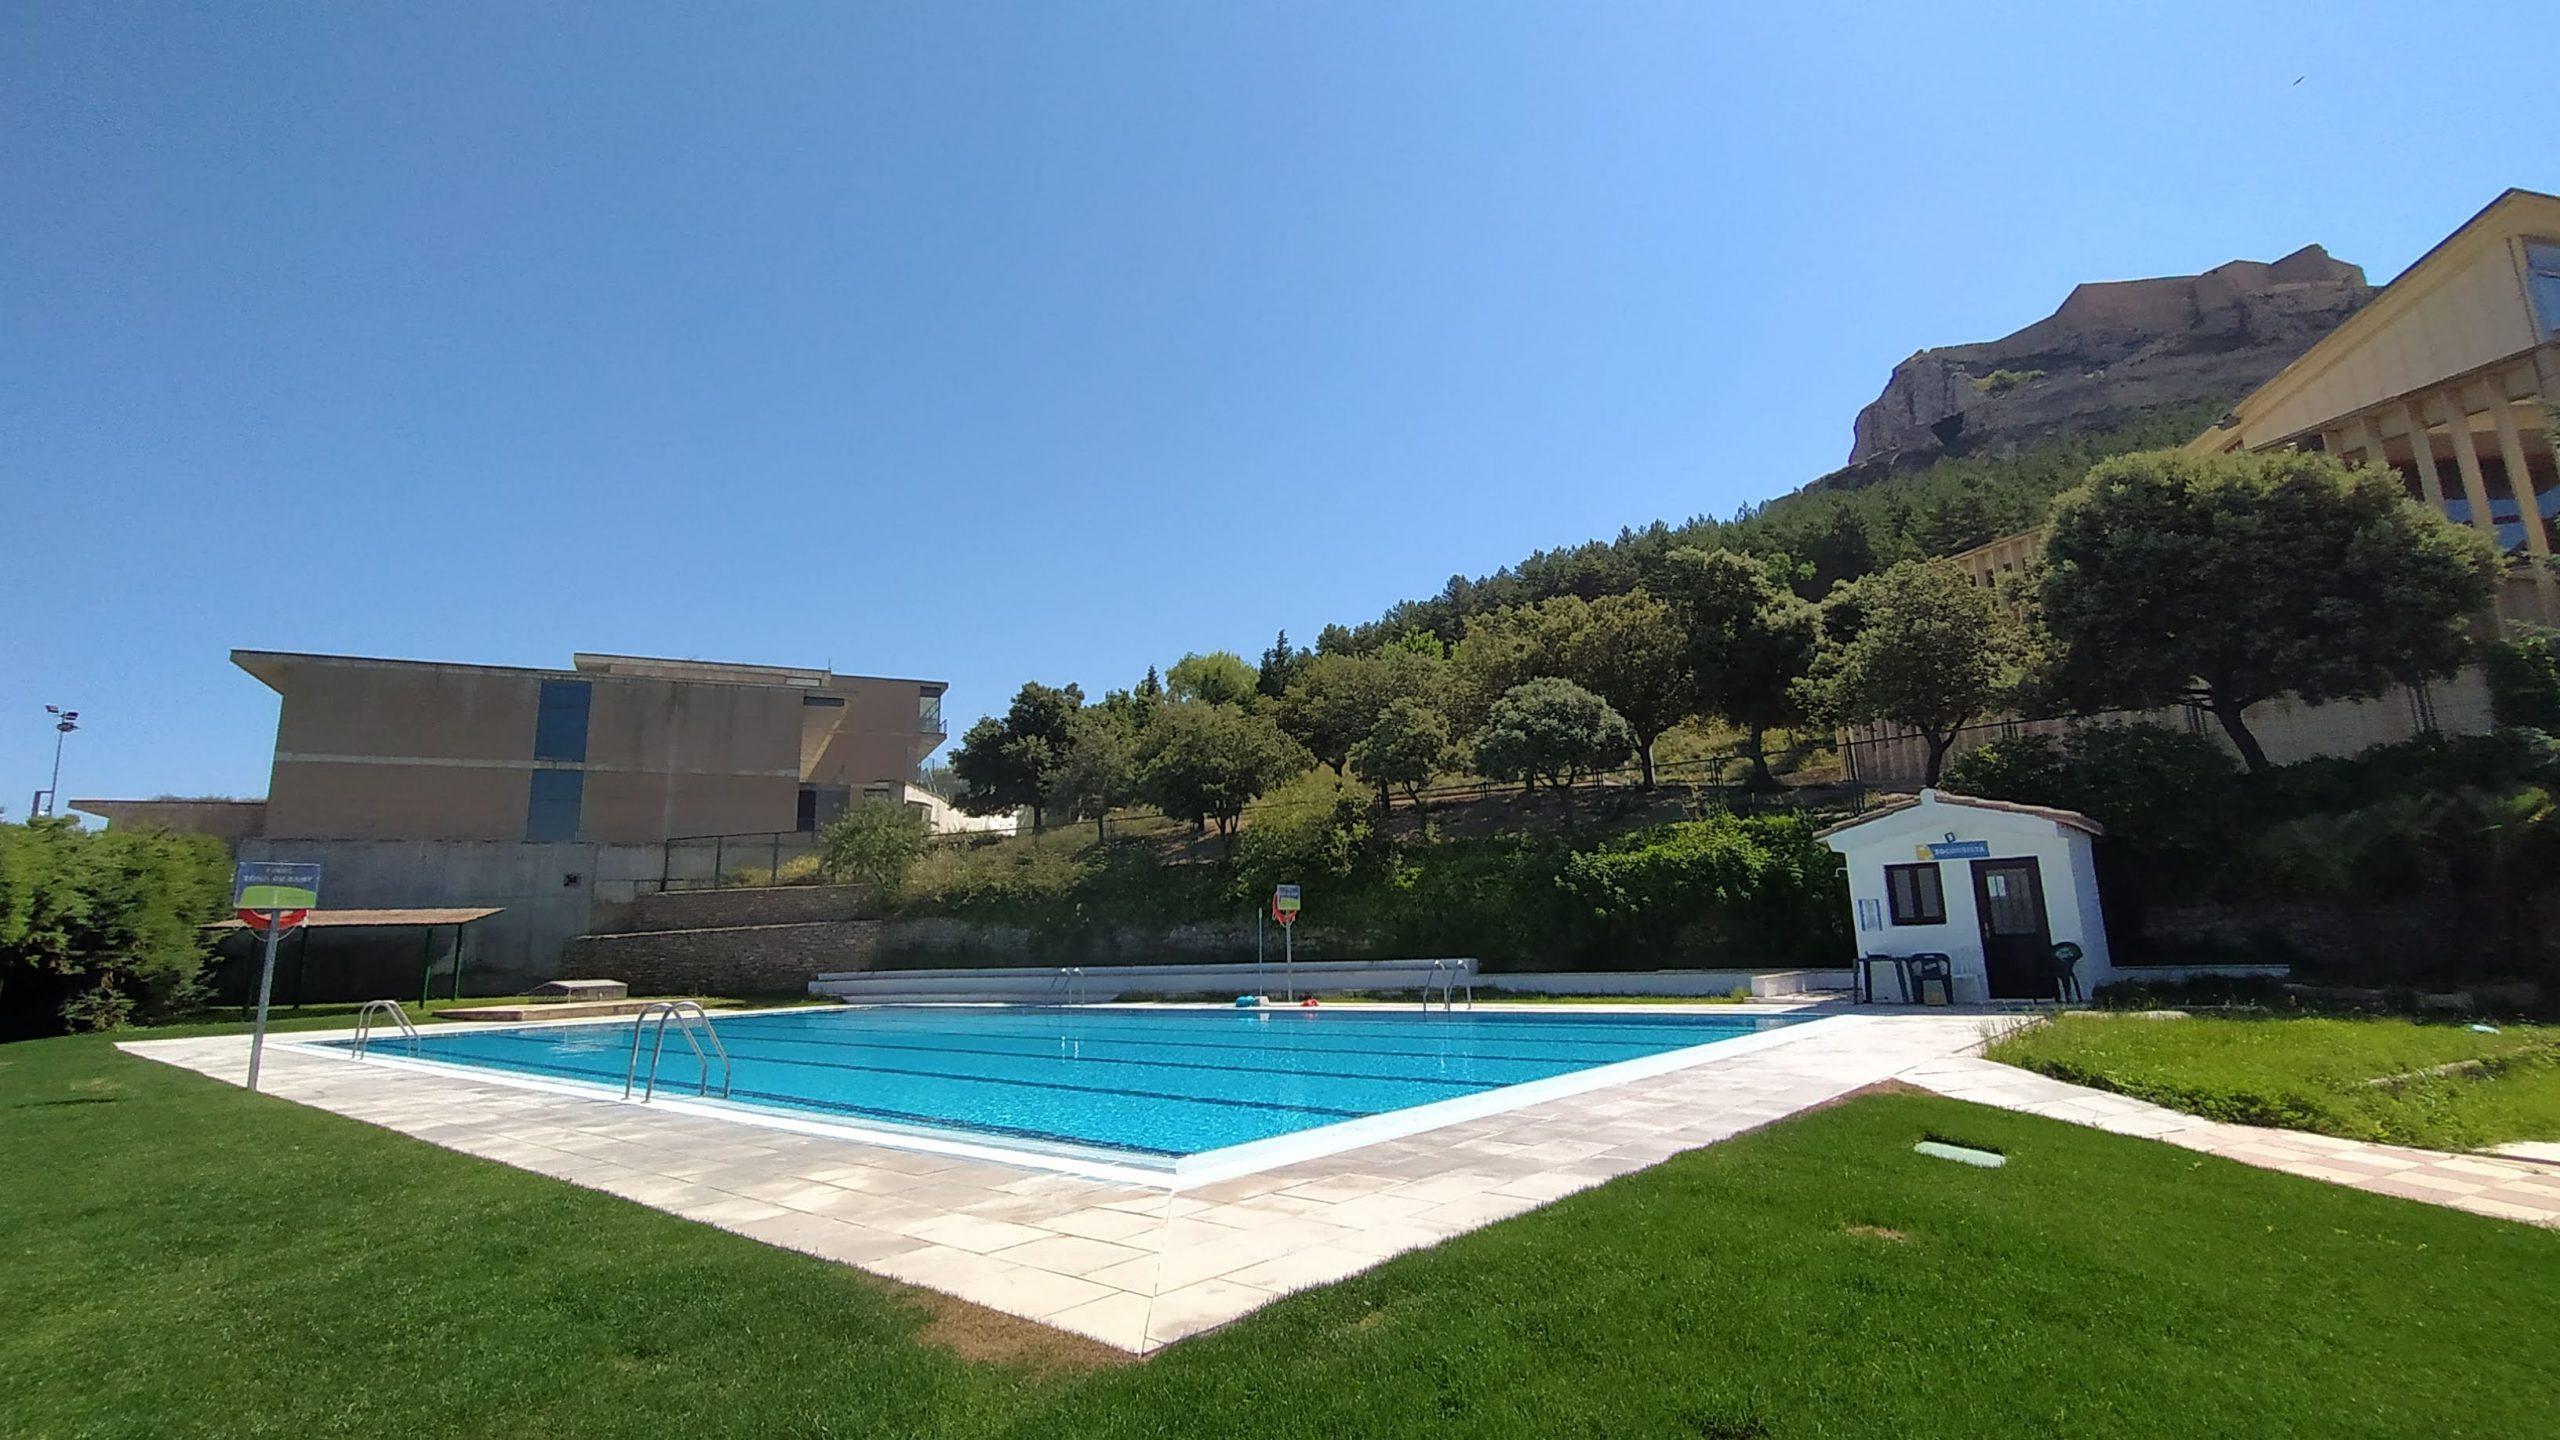 Morella obre les piscines demà